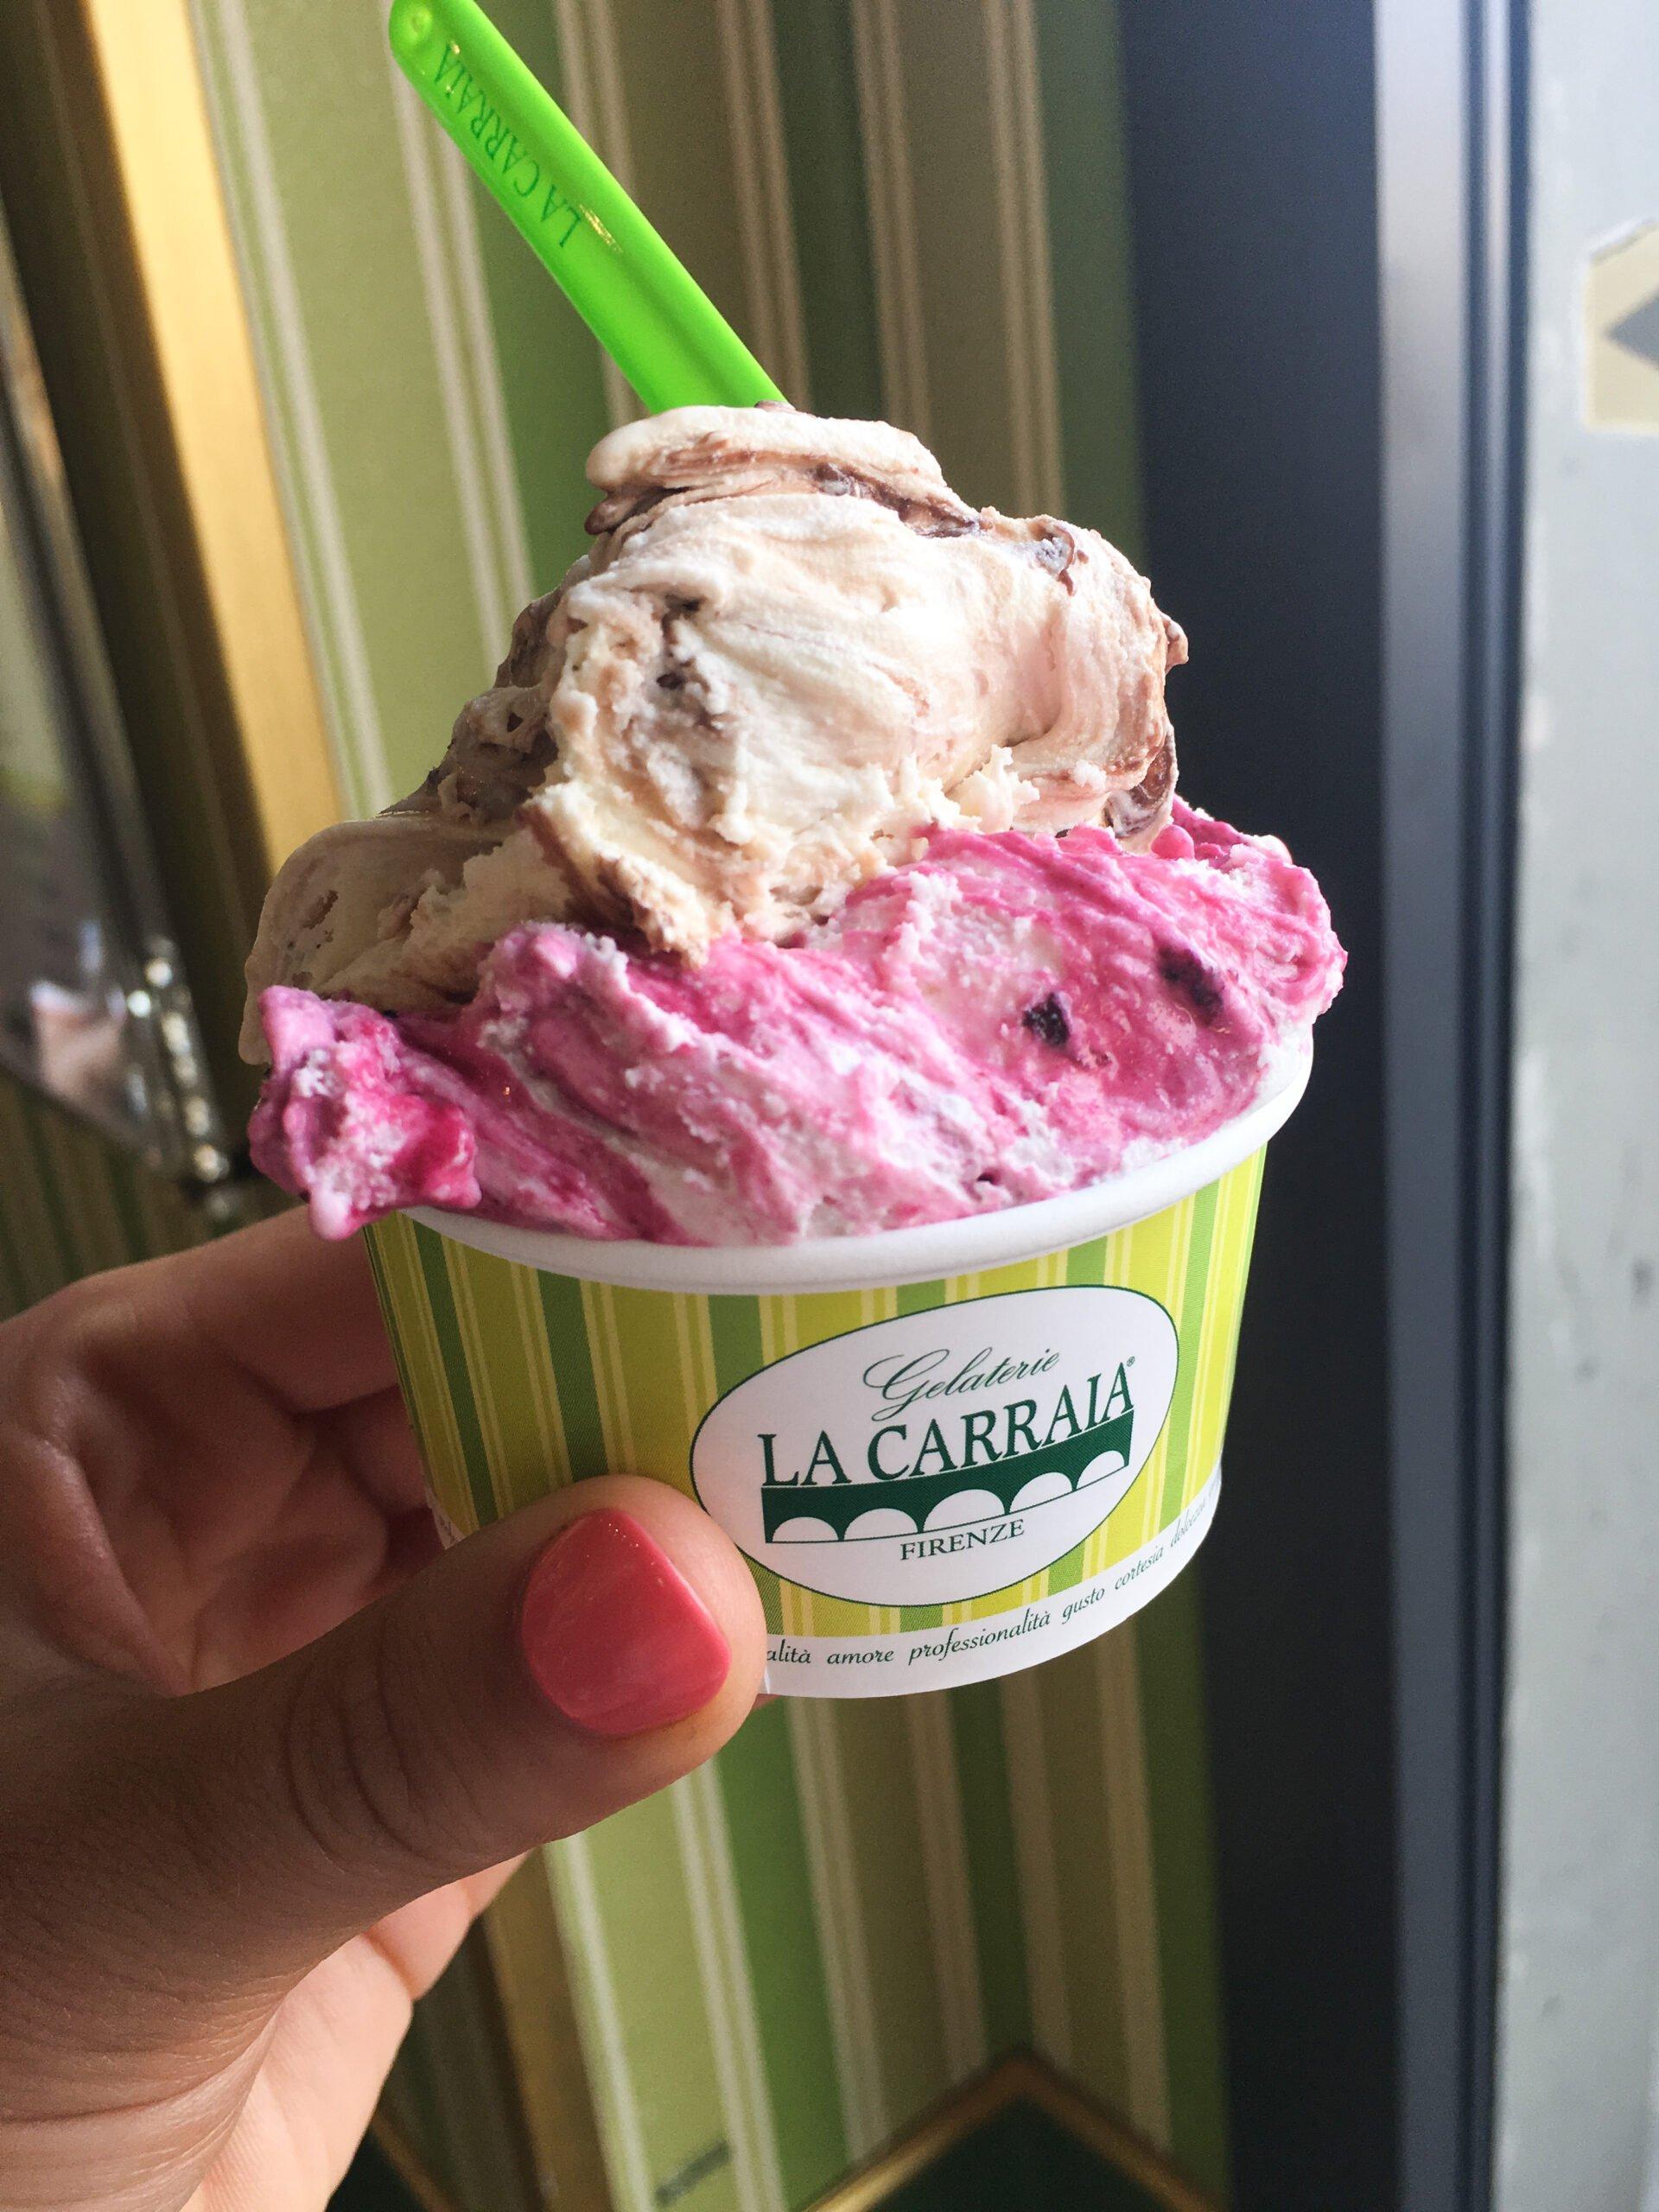 Italian gelato at La Carraia